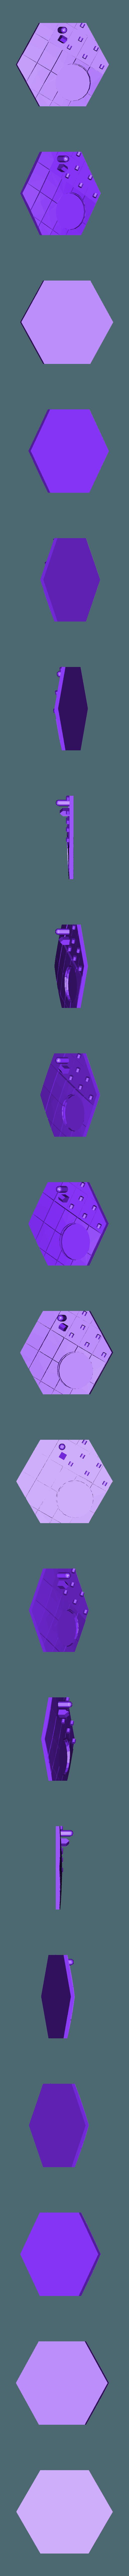 Catan_-_Wheat1.stl Télécharger fichier STL gratuit Jeu complet de carreaux Catan - Buse simple, multicouches multicolores • Objet pour impression 3D, Hardcore3D